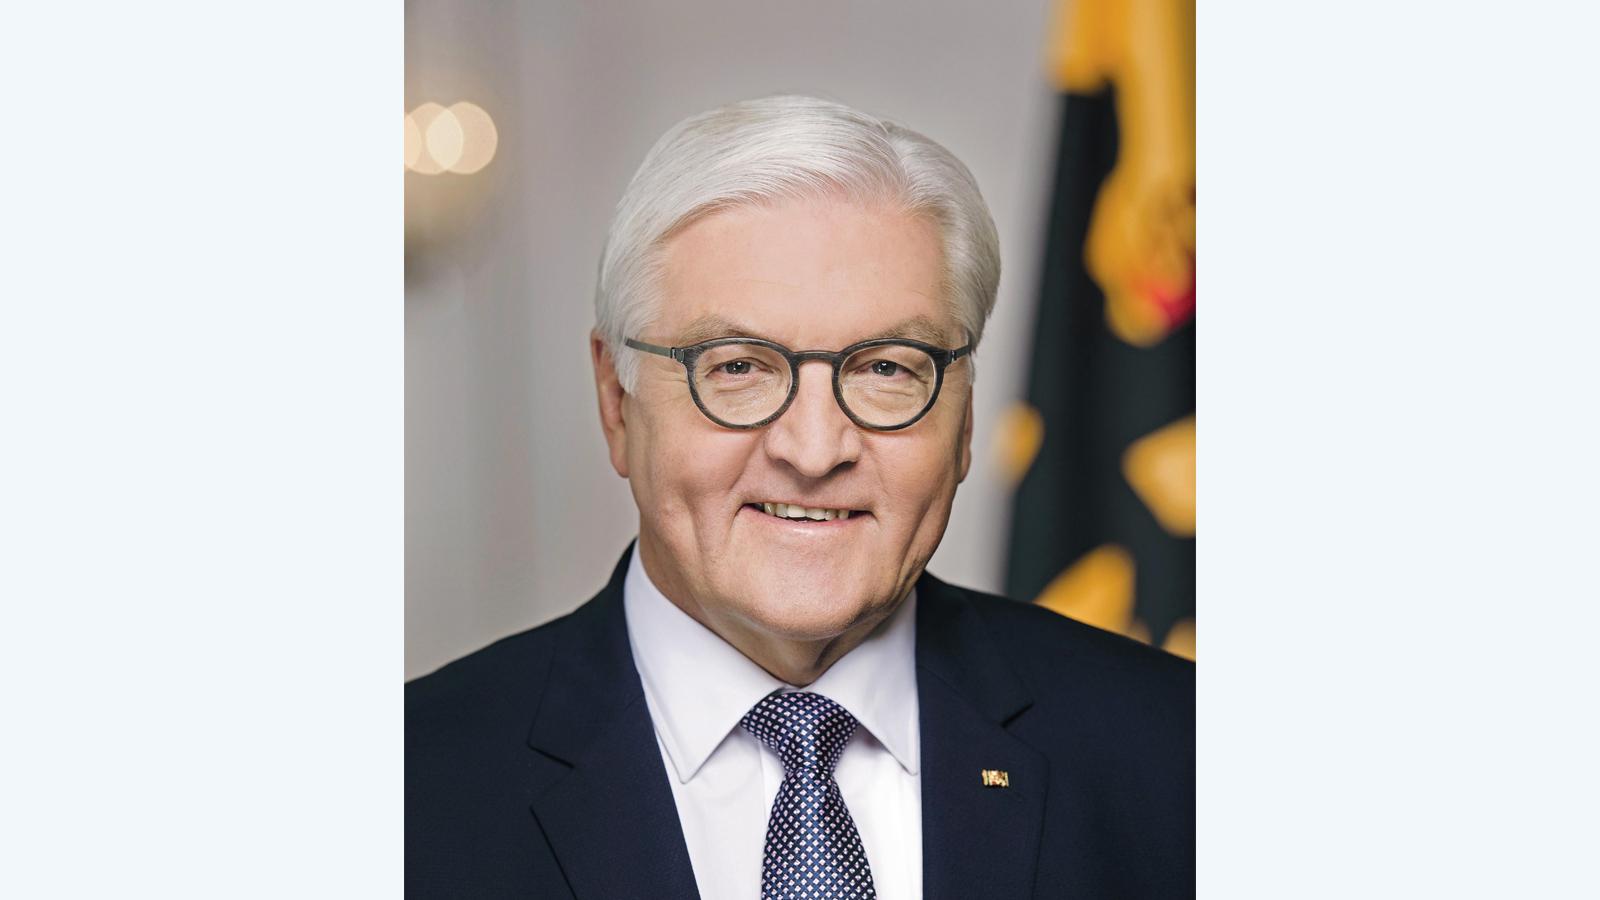 Portrait des Bundespräsidenten Frank-Walter Steinmeier